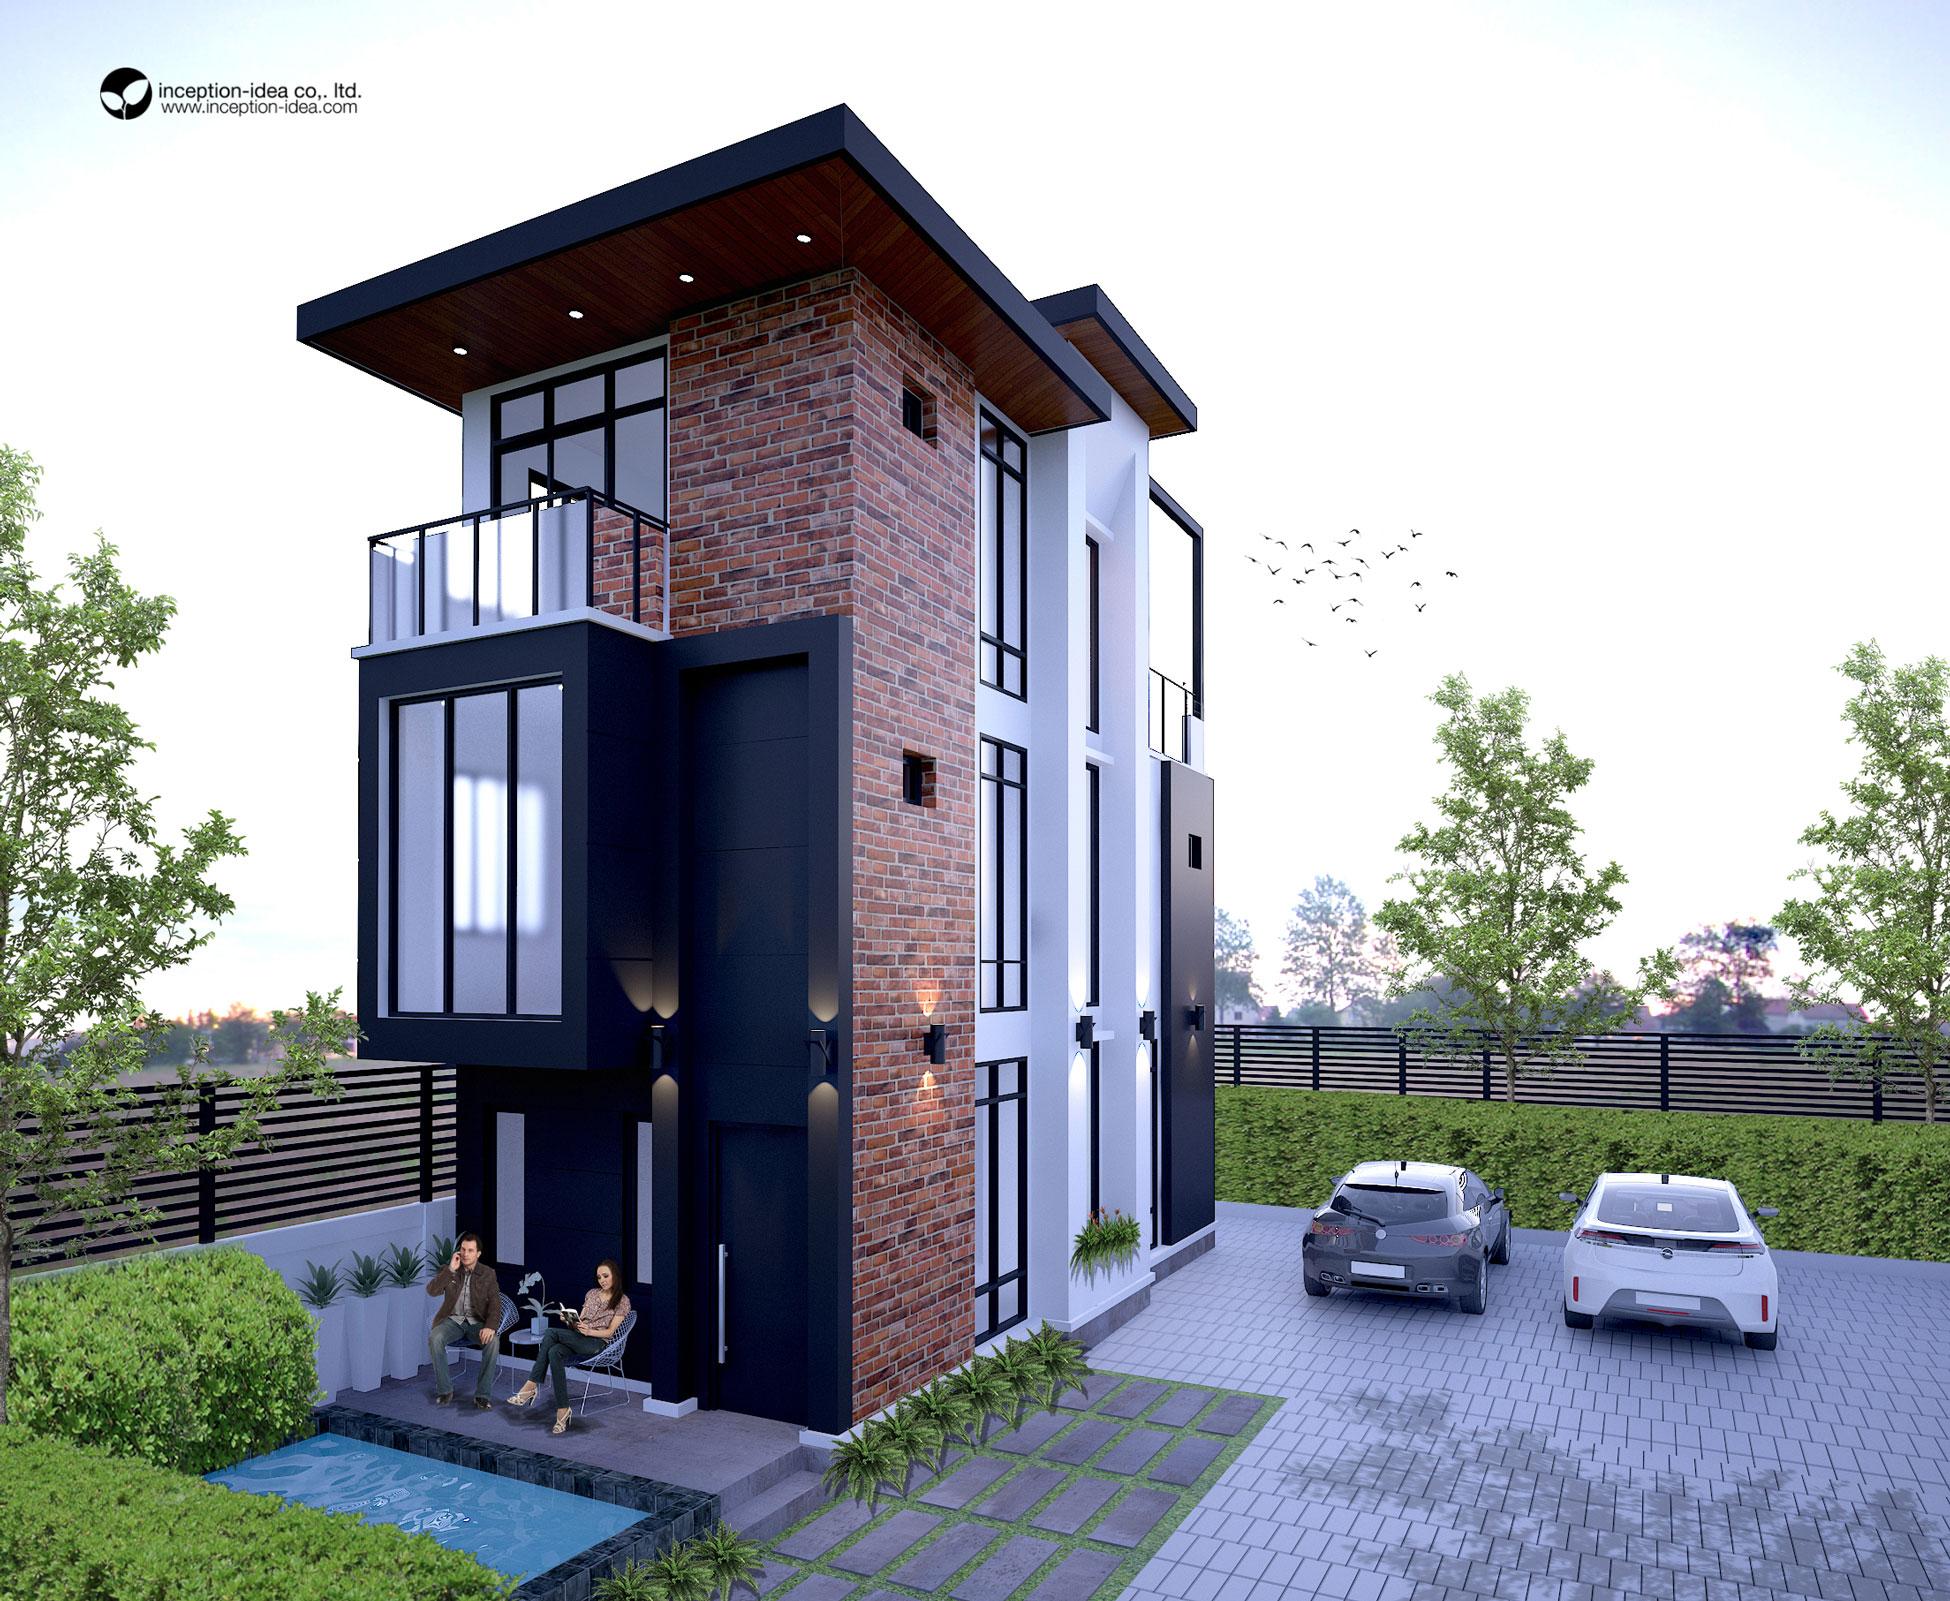 ออกแบบอาคาร3ชั้น หมู่บ้านโนเบิล วัชรพล กรุงเทพ